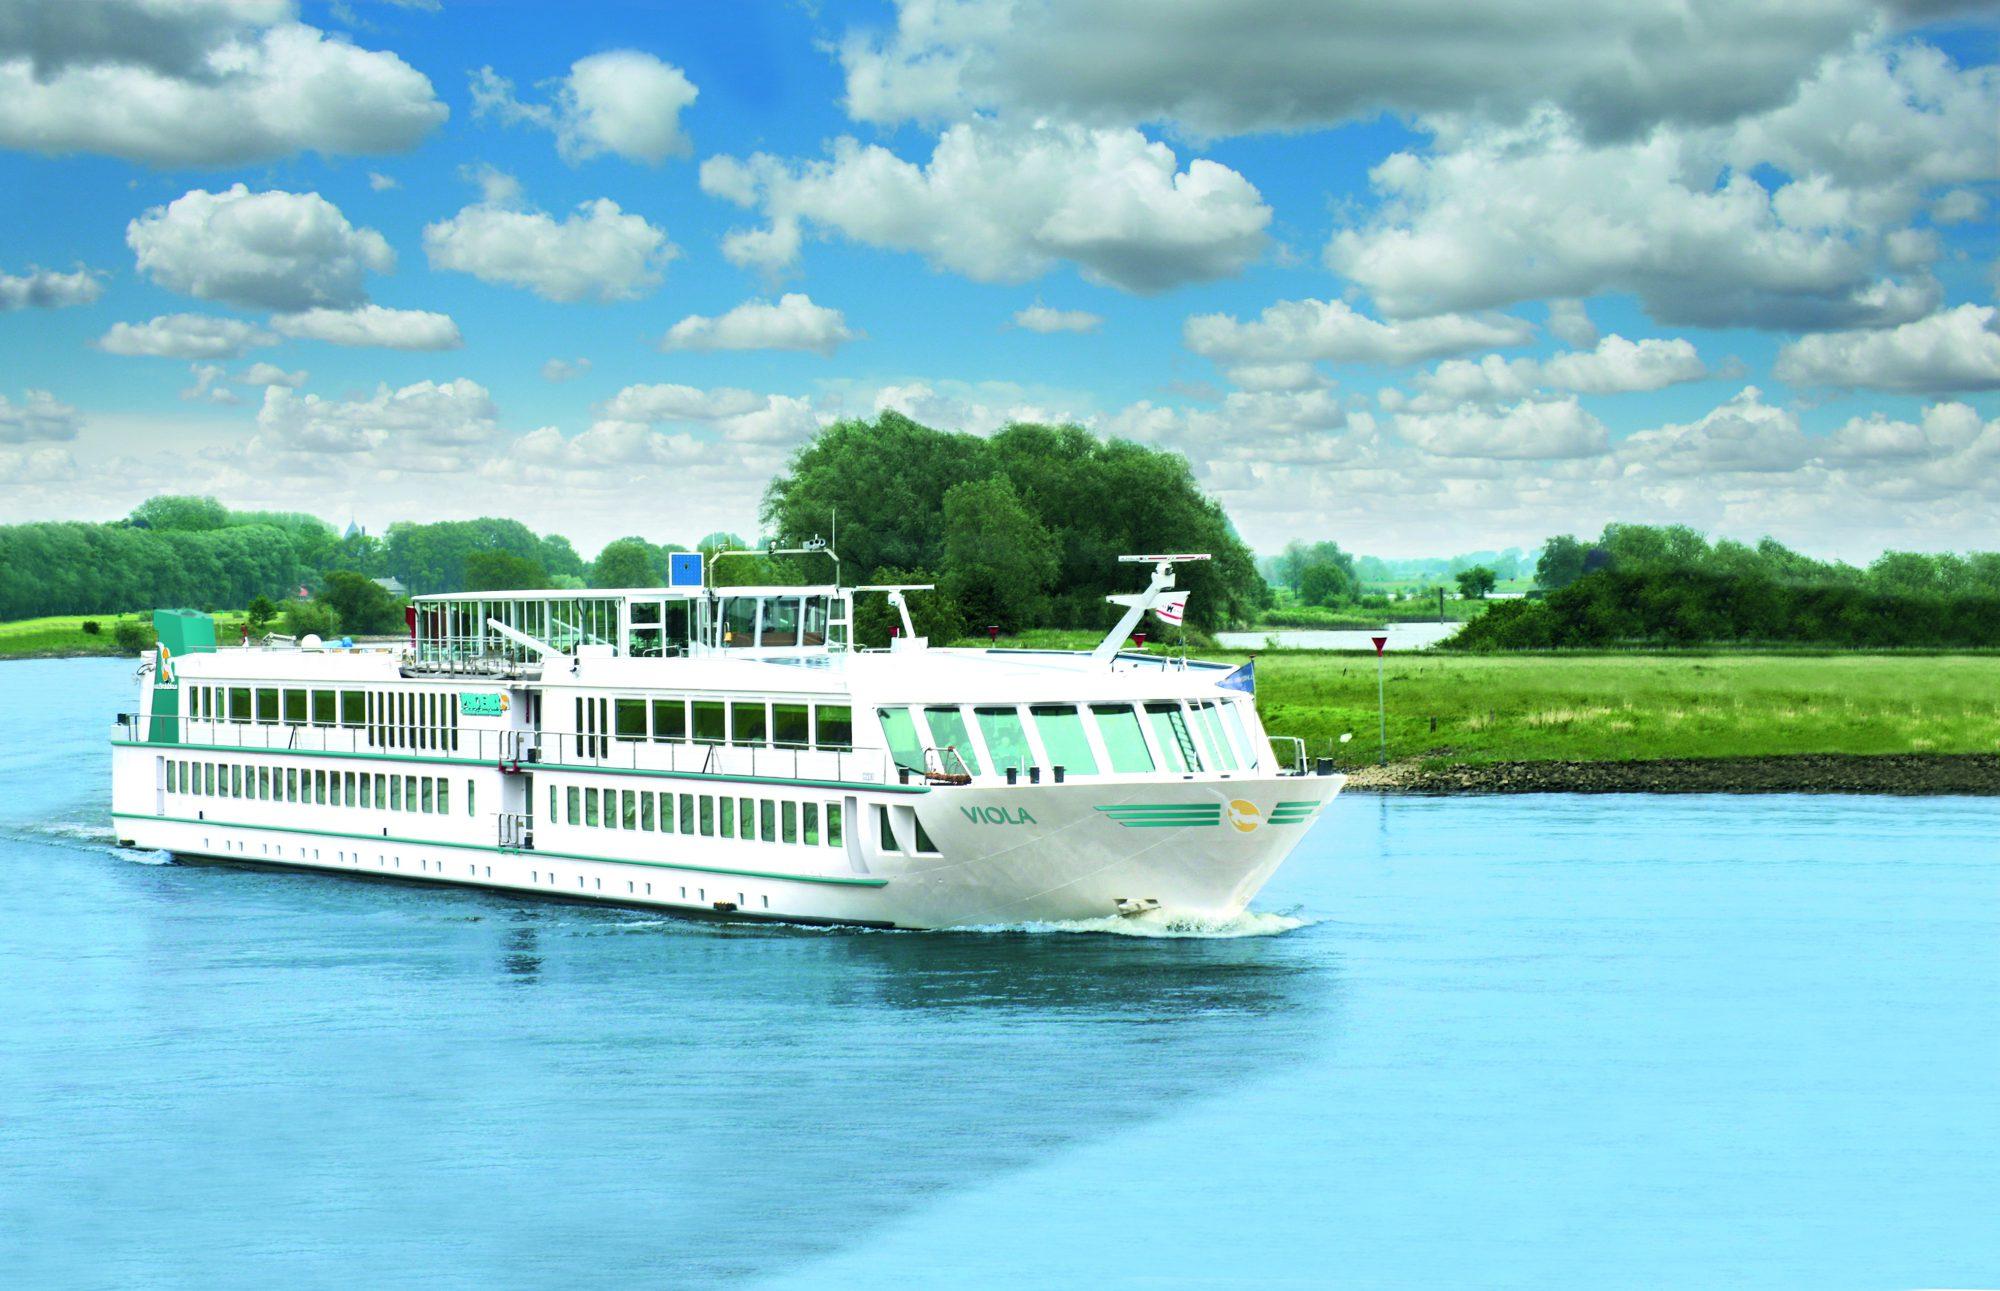 Mit der MS Viola ist erstmals ein speziell auf die Bedürfnisse von Rollstuhlfahrern ausgerichtetes Flusskreuzfahrtschiff unterwegs.